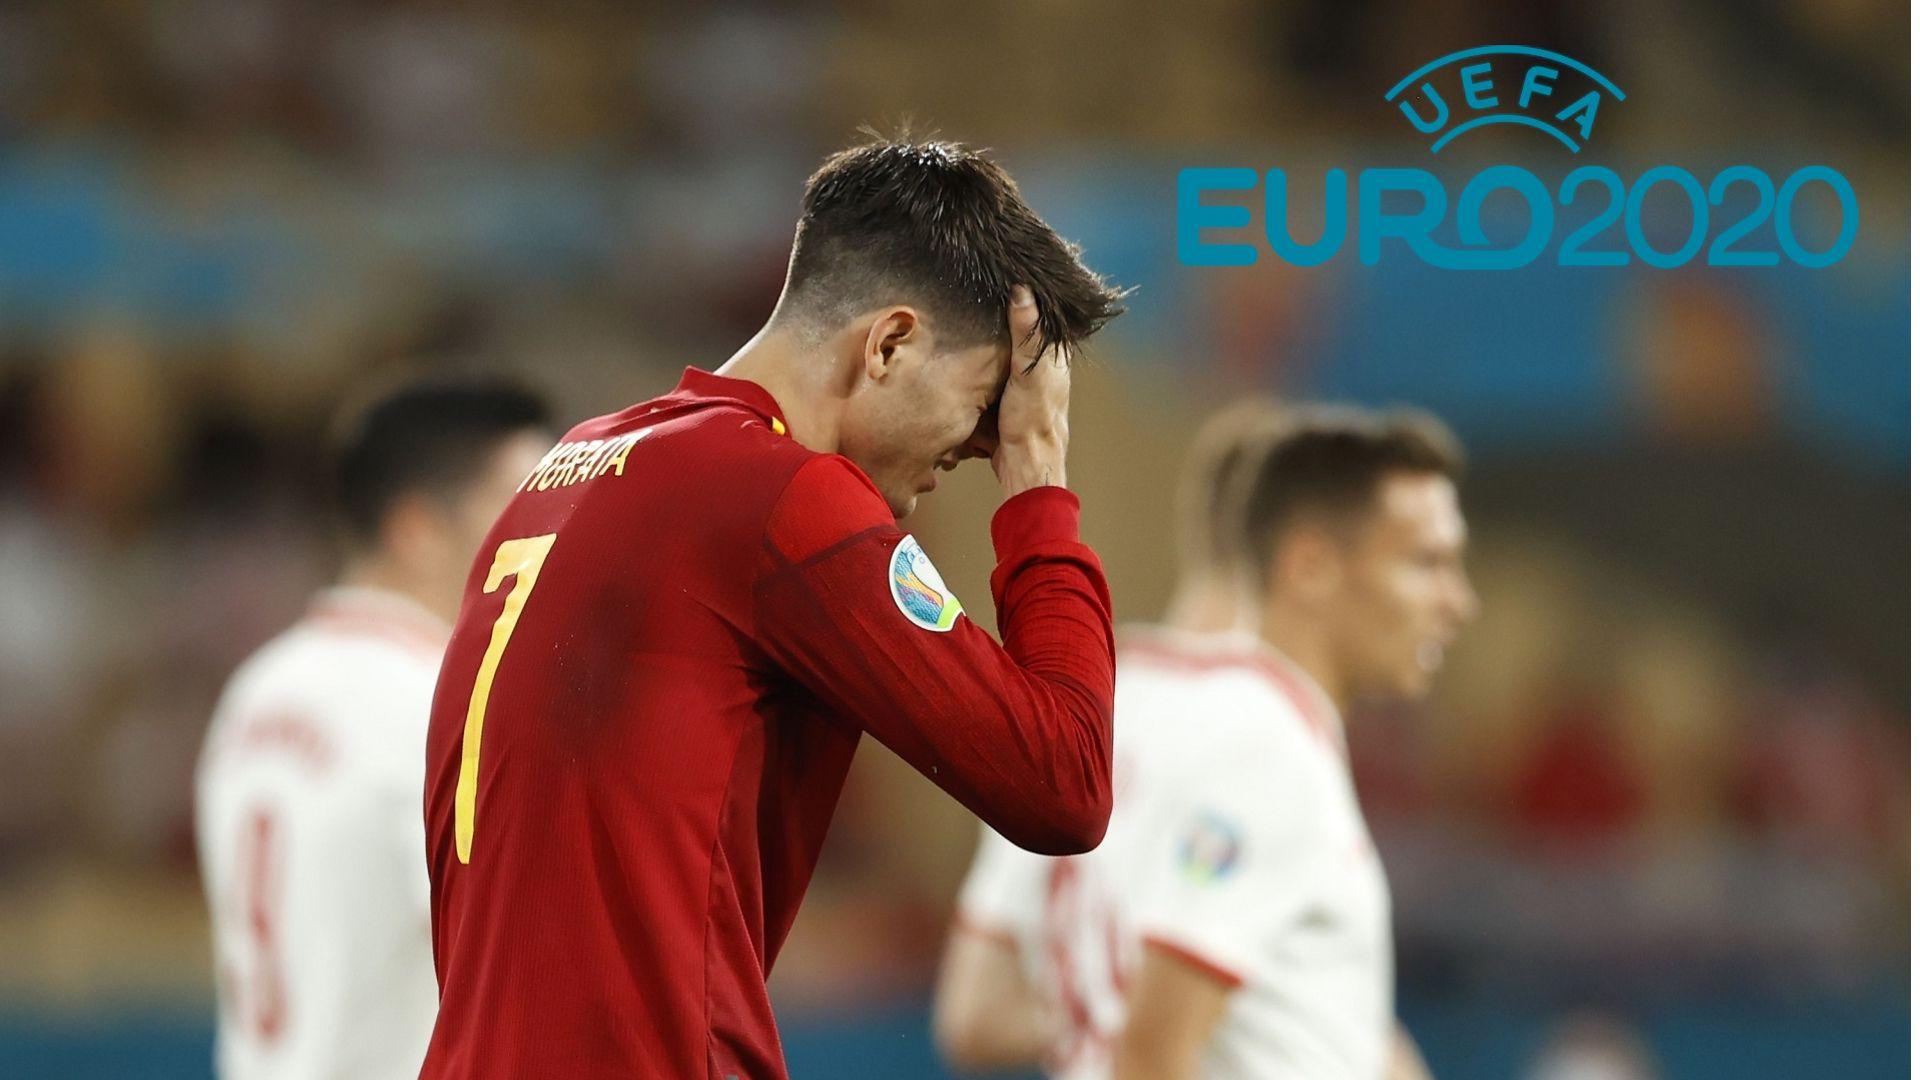 Испания отново сбърка и продължава без победа на Евро 2020